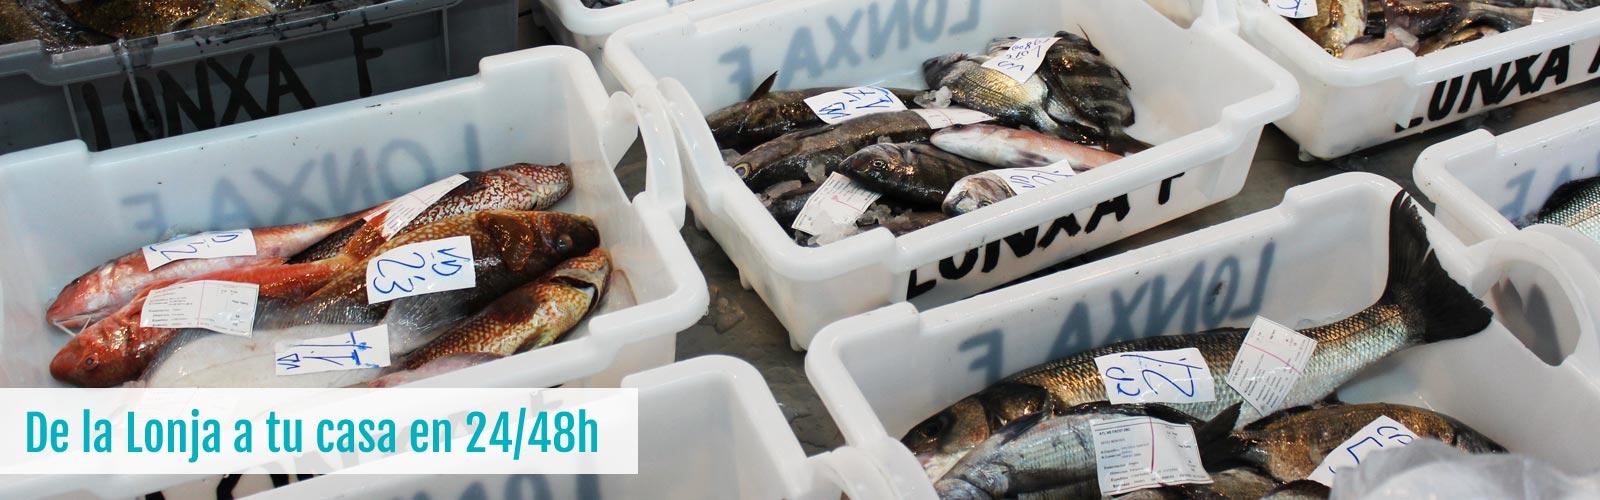 Marisco y pescado fresco gallego